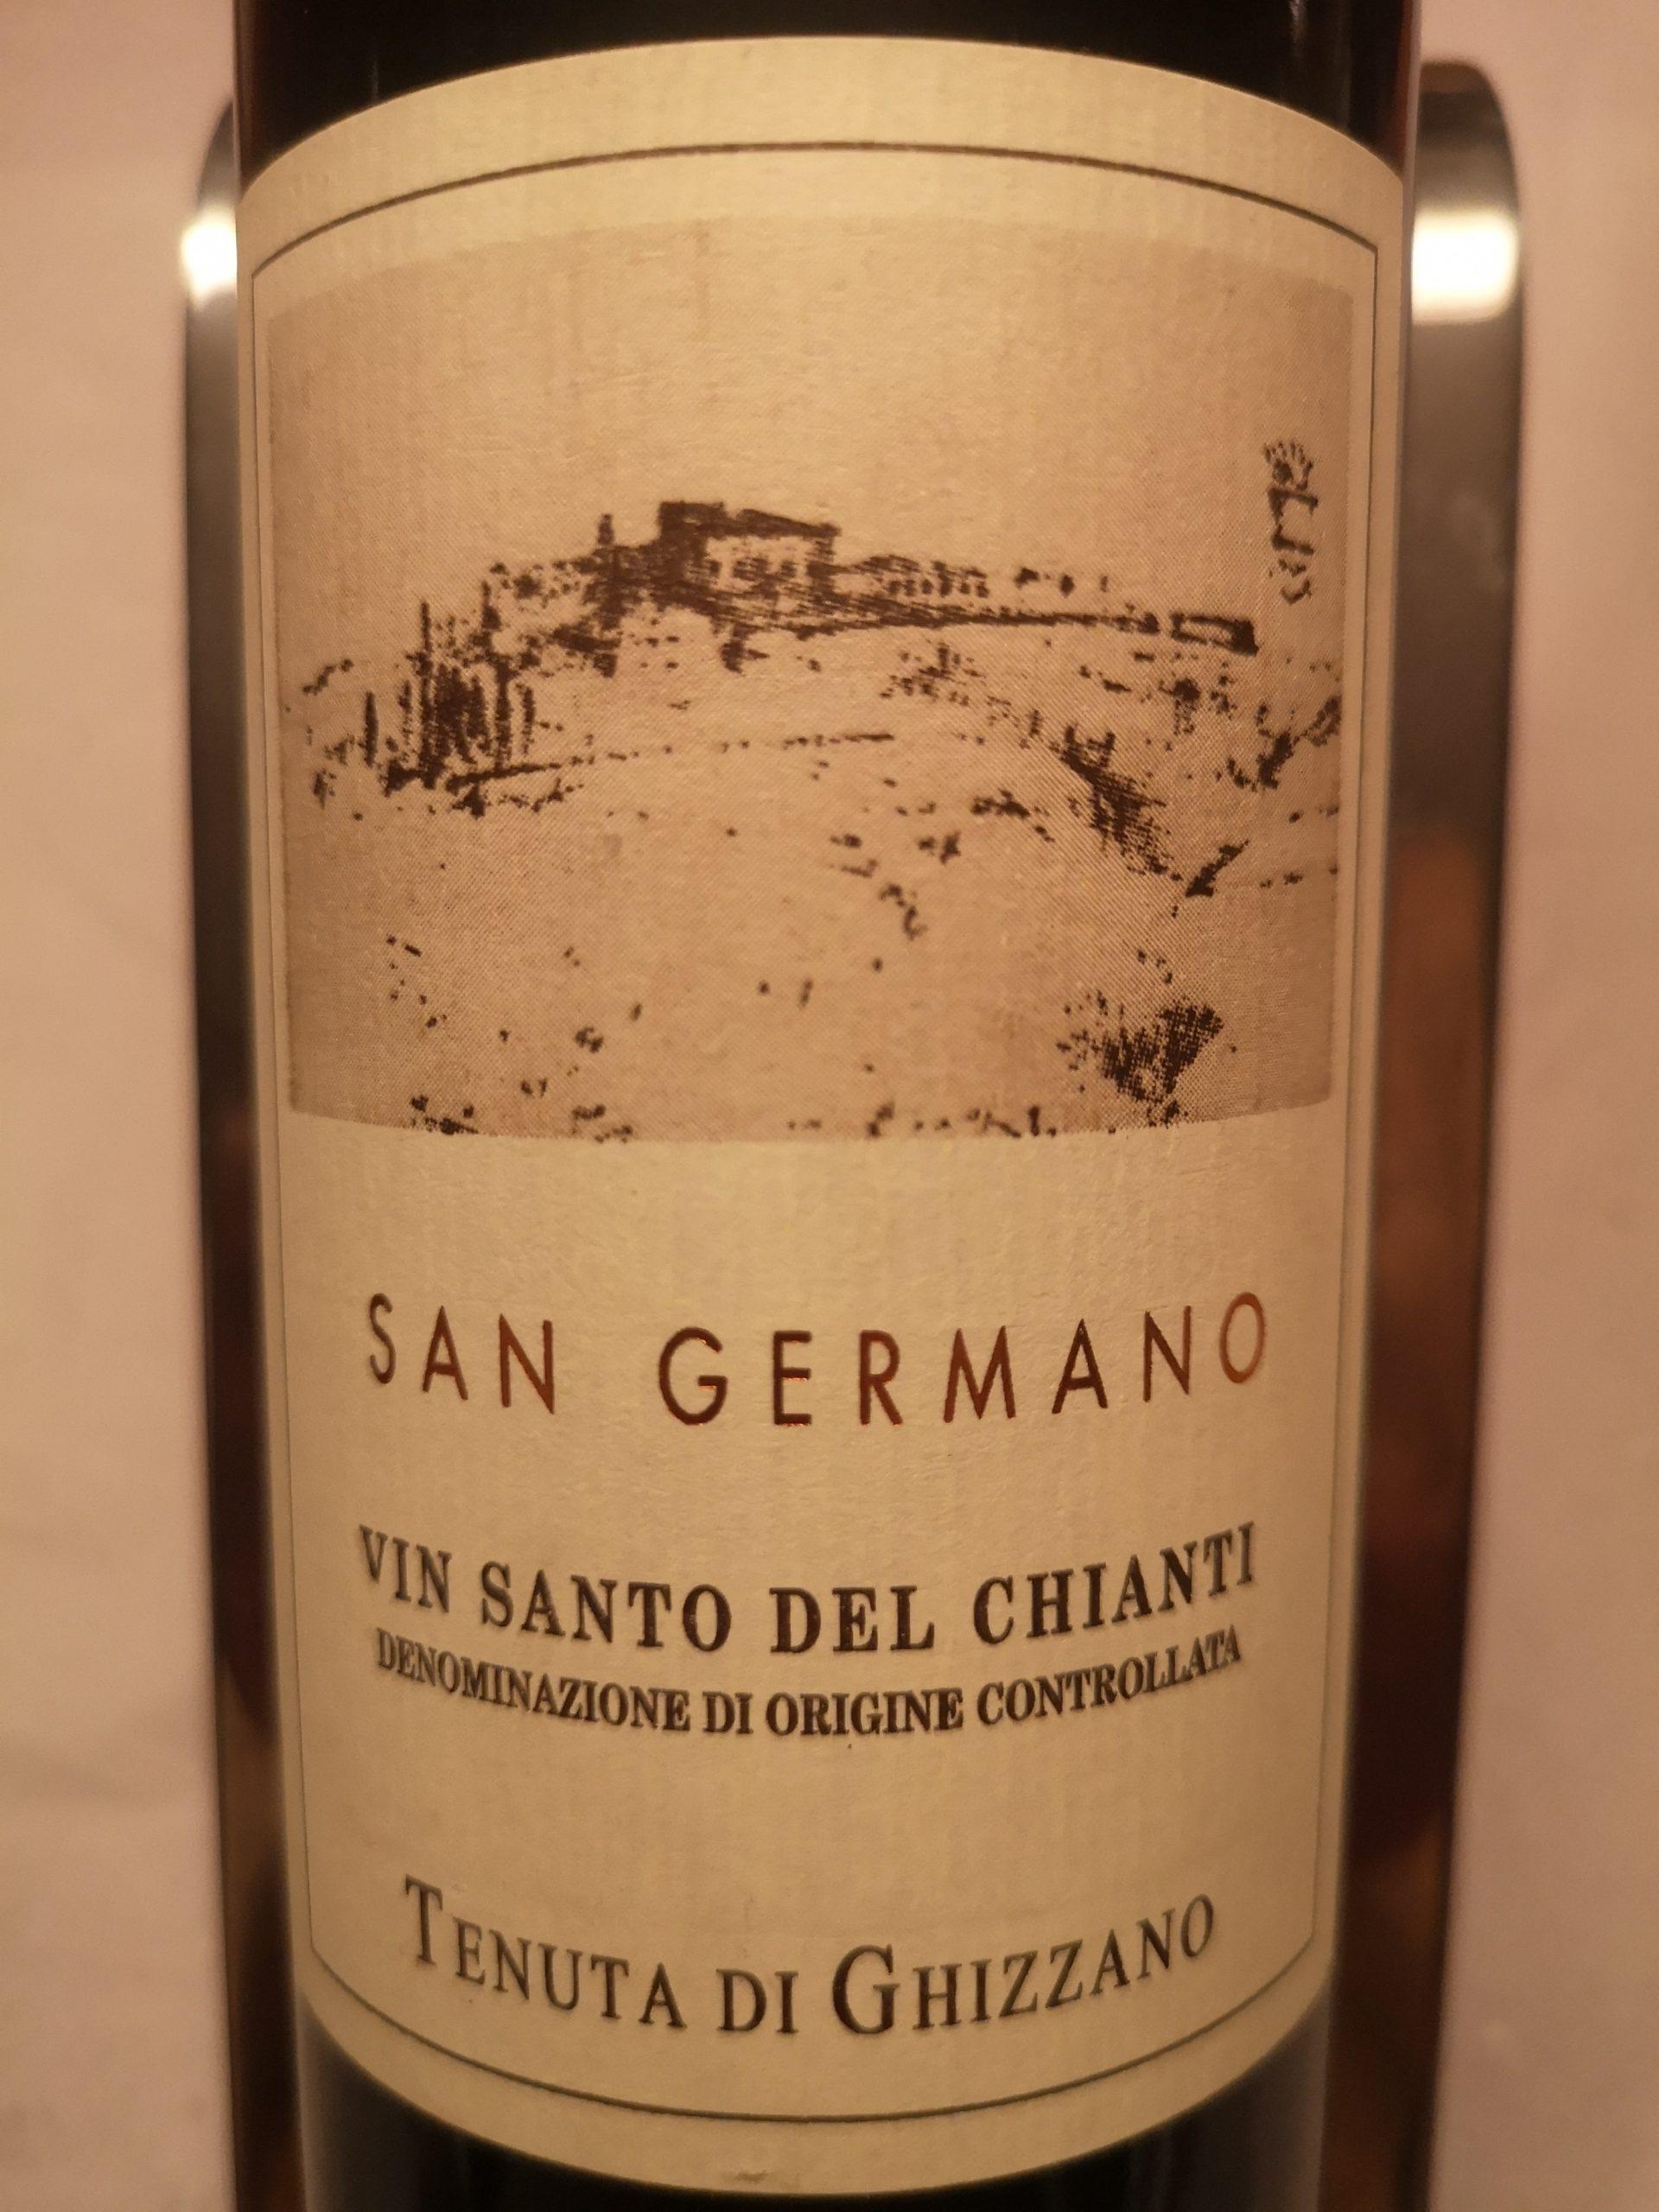 2006 San Germano Vin Santo | Tenuta di Ghizzano